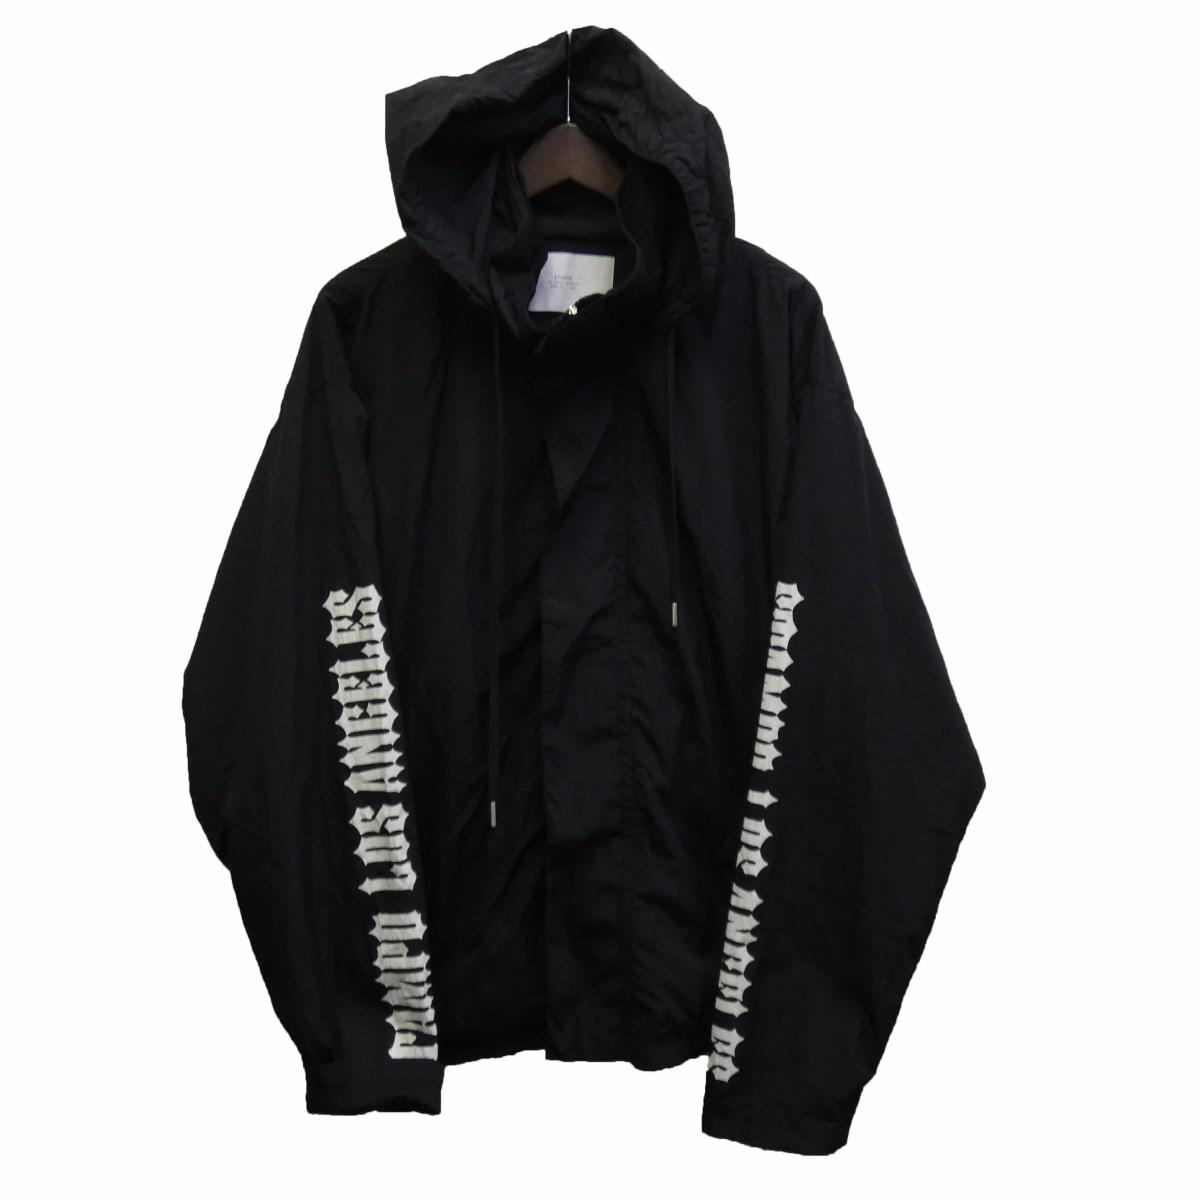 【中古】STAMPD フーデッドナイロンジャケット ブラック サイズ:L 【010420】(スタンプド)